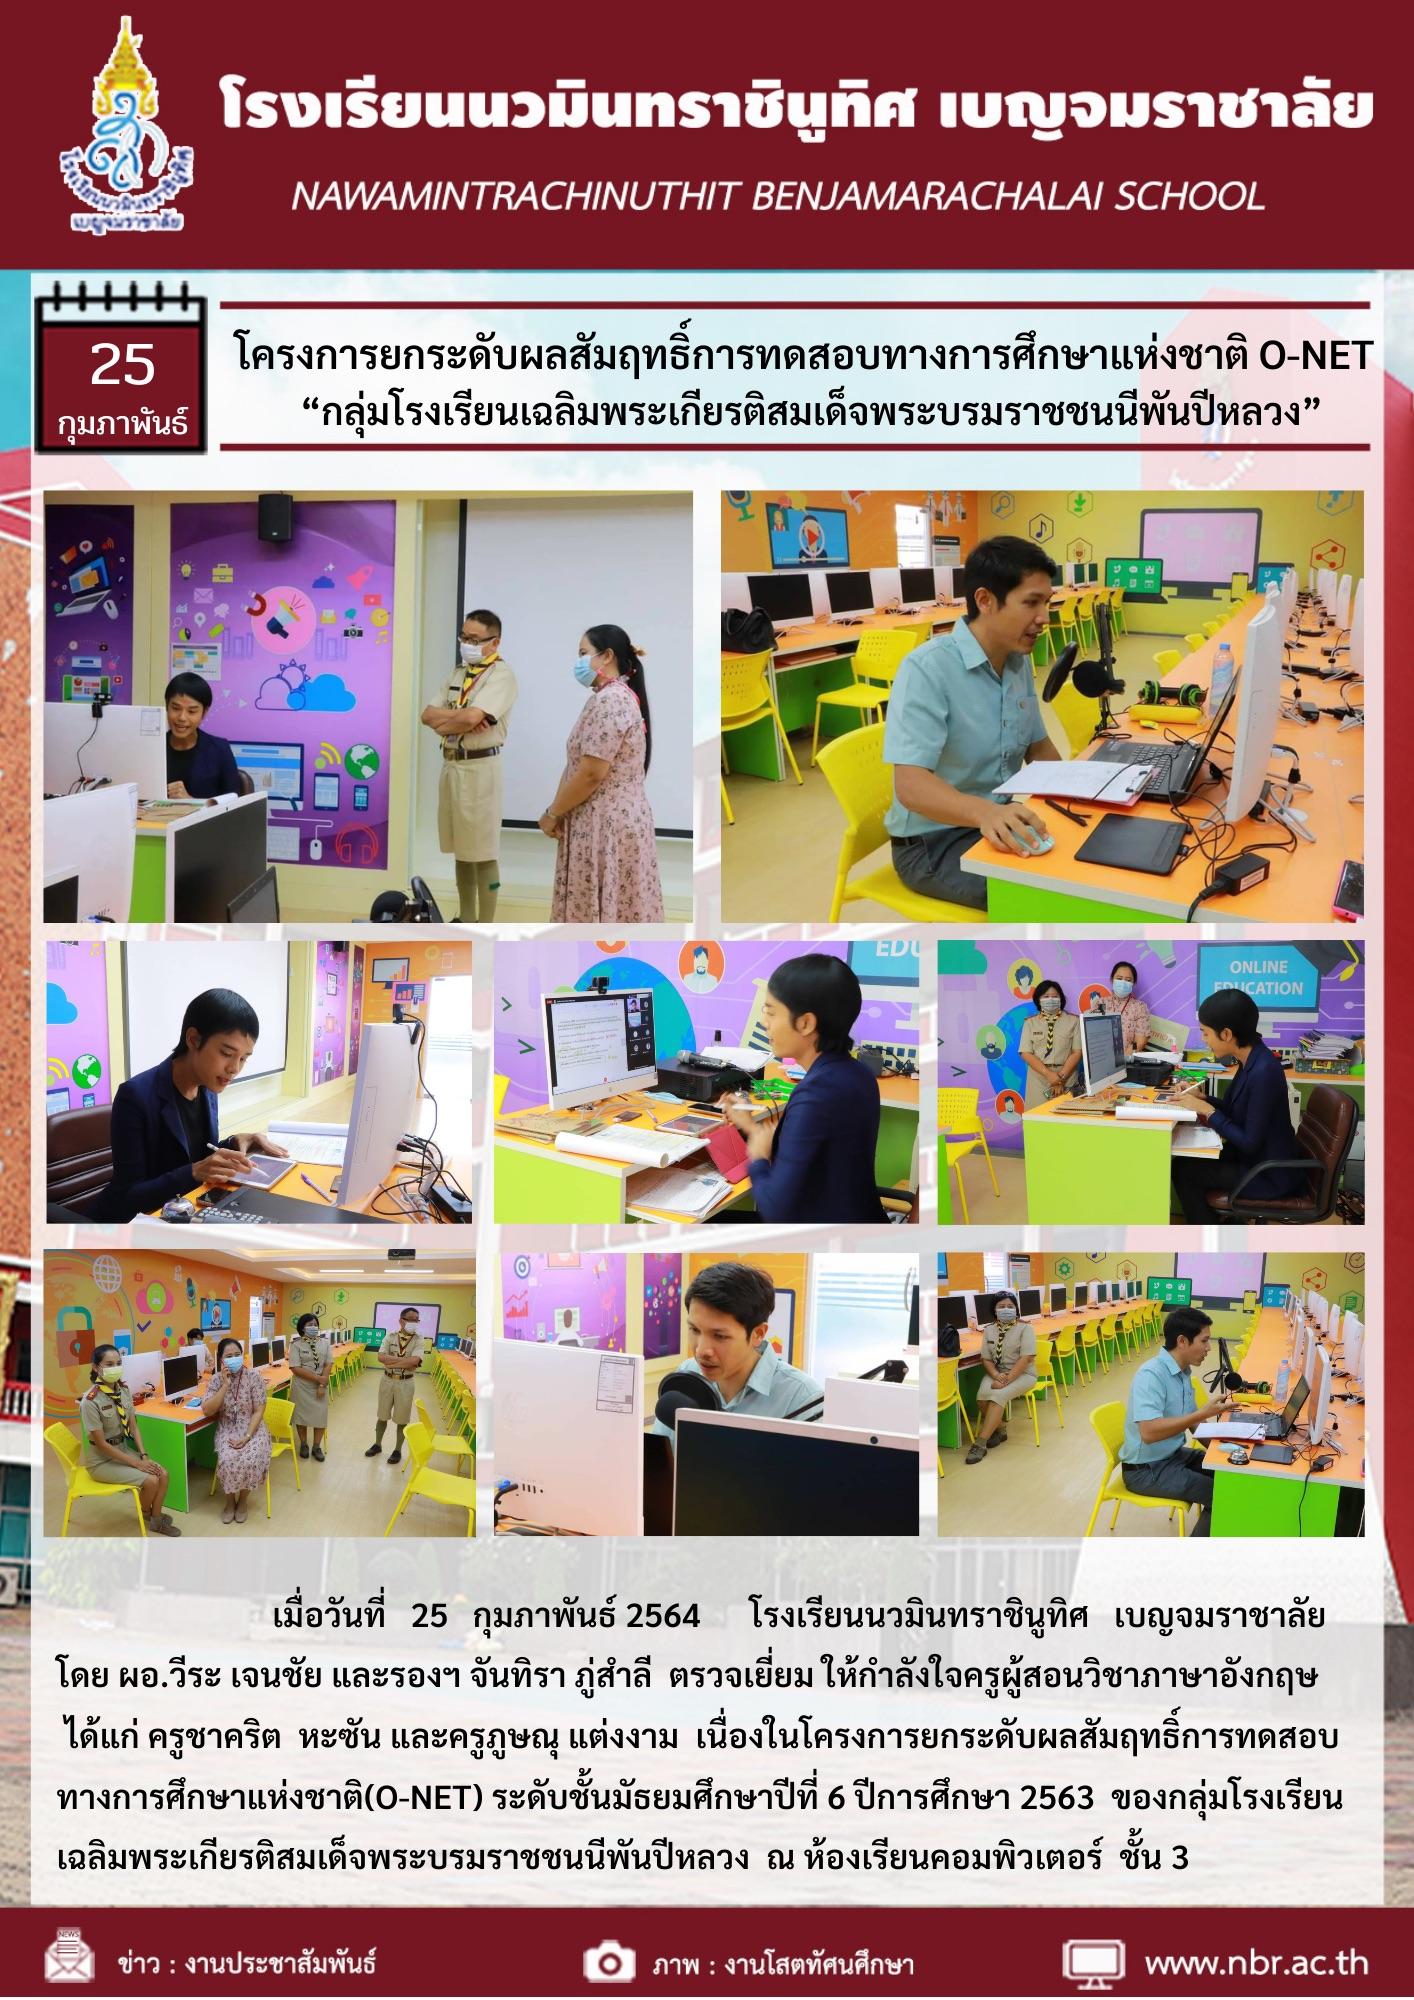 โครงการยกระดับผลสัมฤทธิ์การทดสอบทางการศึกษาแห่งชาติ O-NET